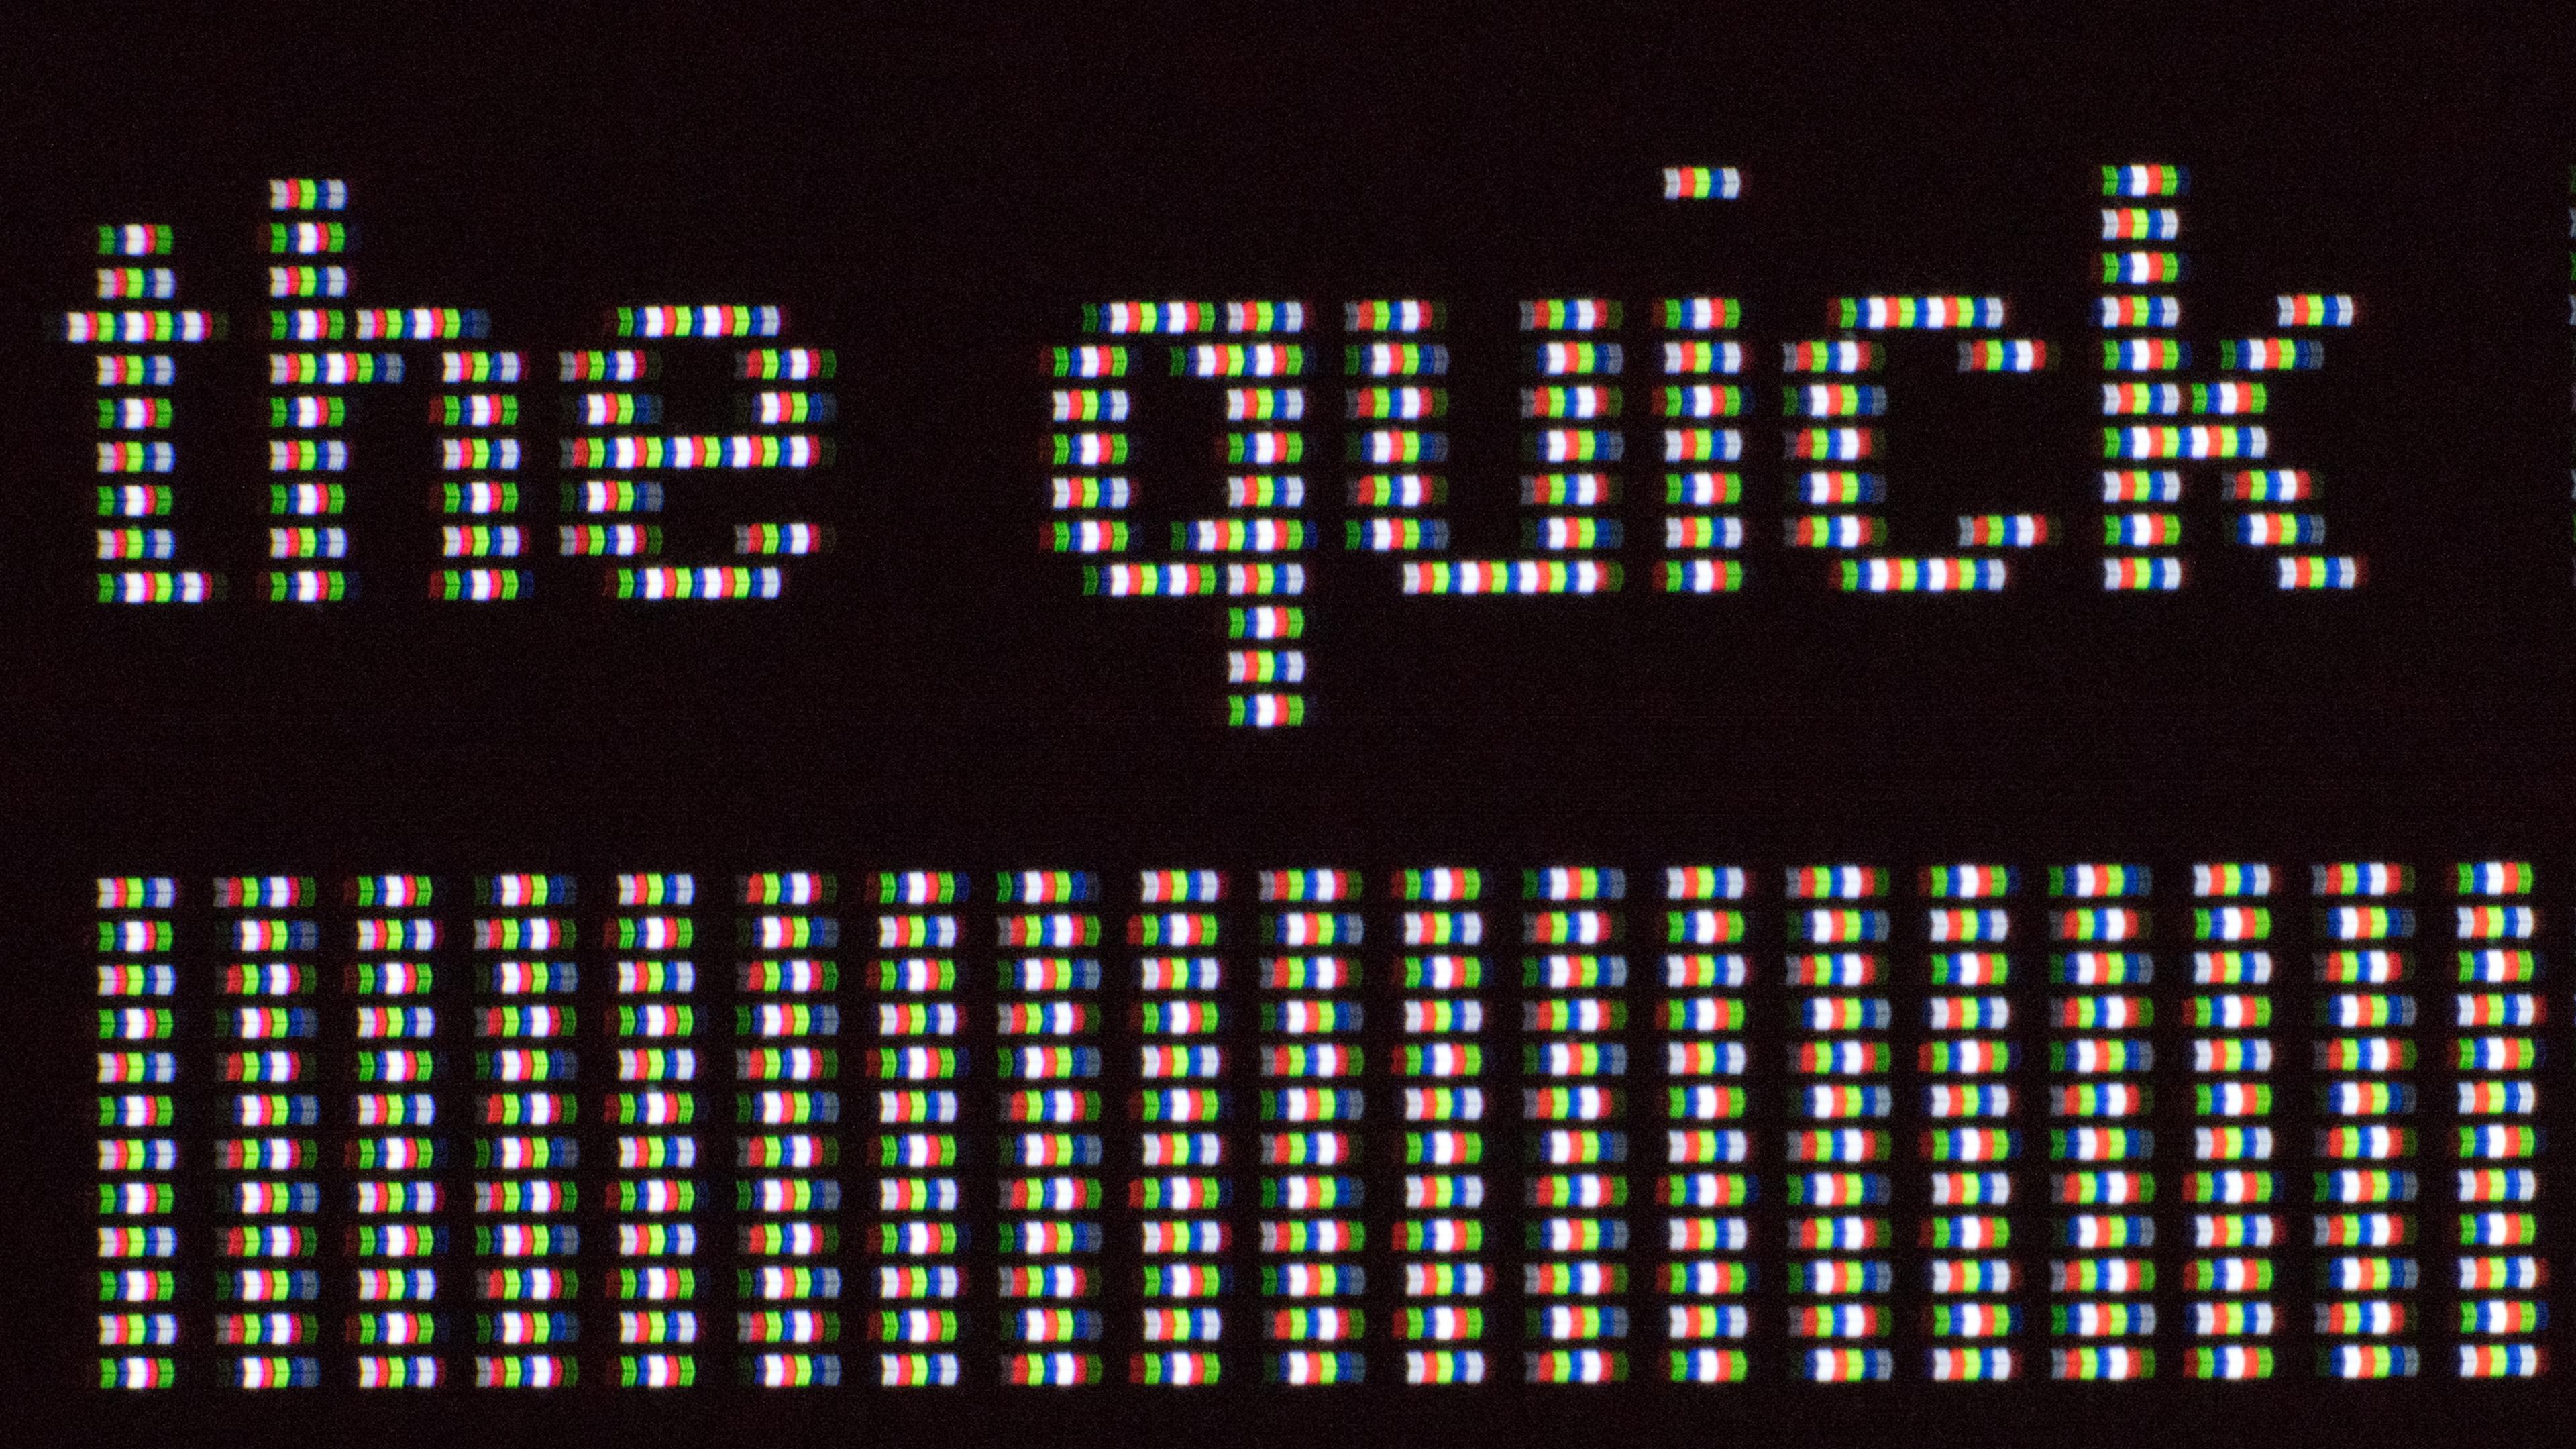 LG UK6300 - Chroma 4:4:4